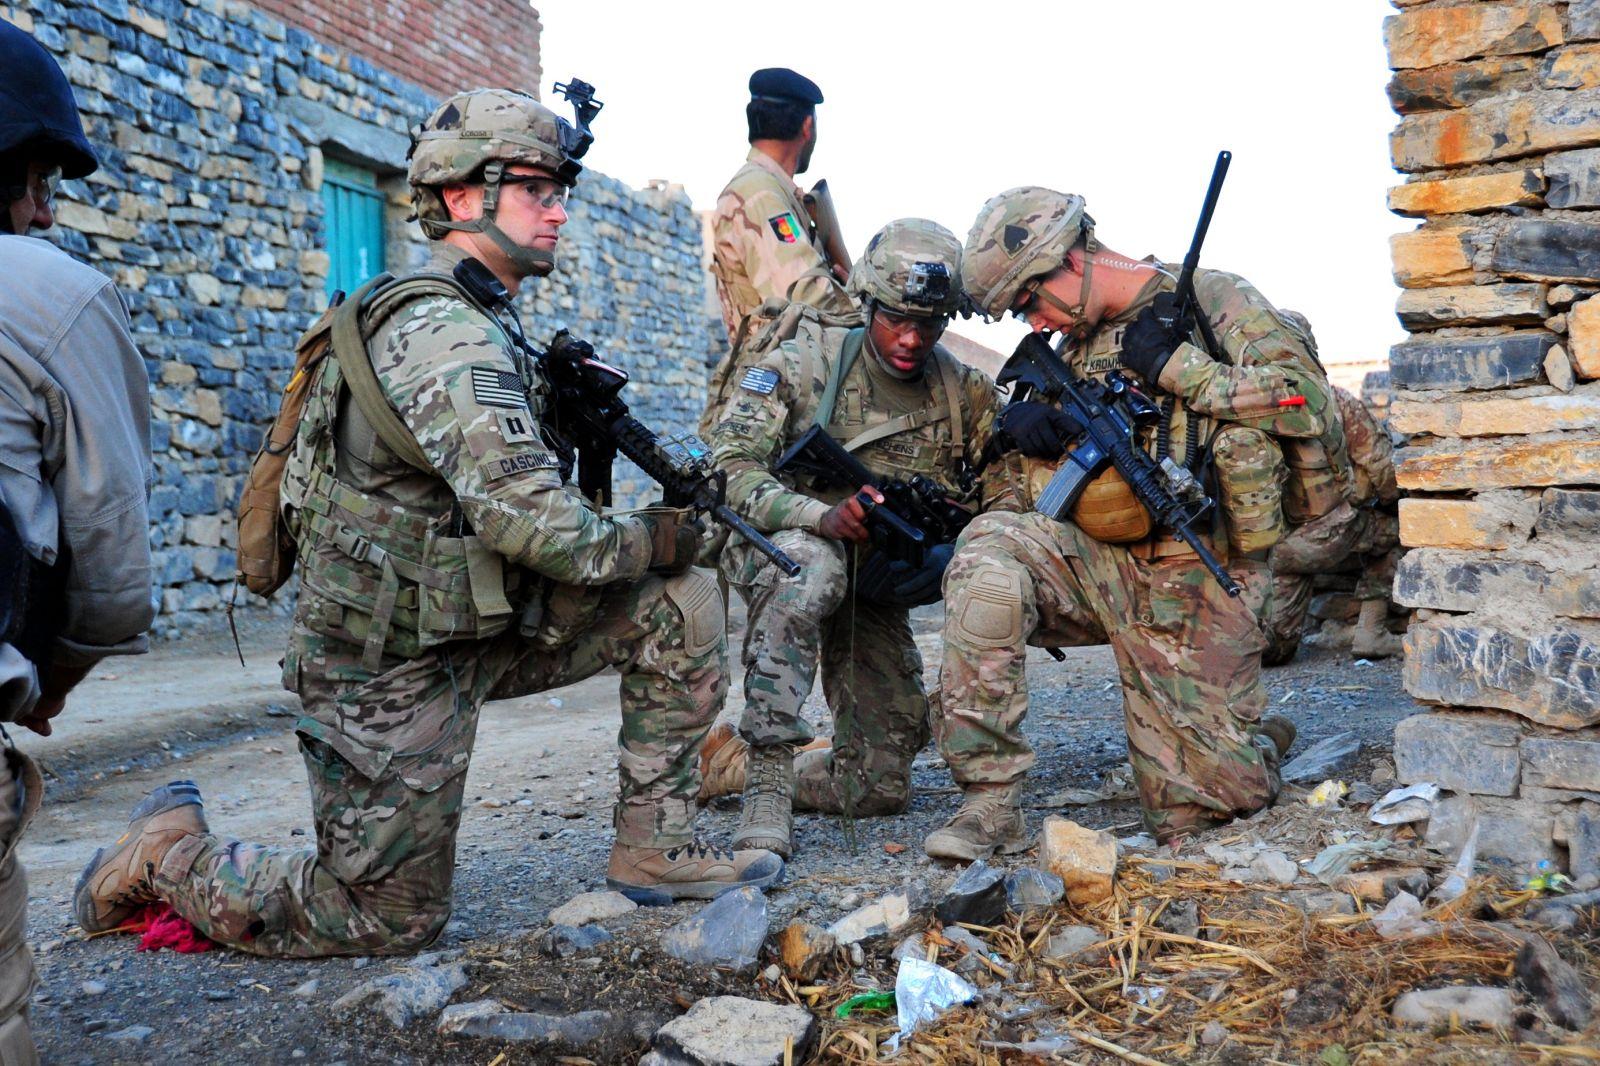 بالصور اقوي جيش في العالم , قائمة باقوي الجيوش في العالم 2968 6